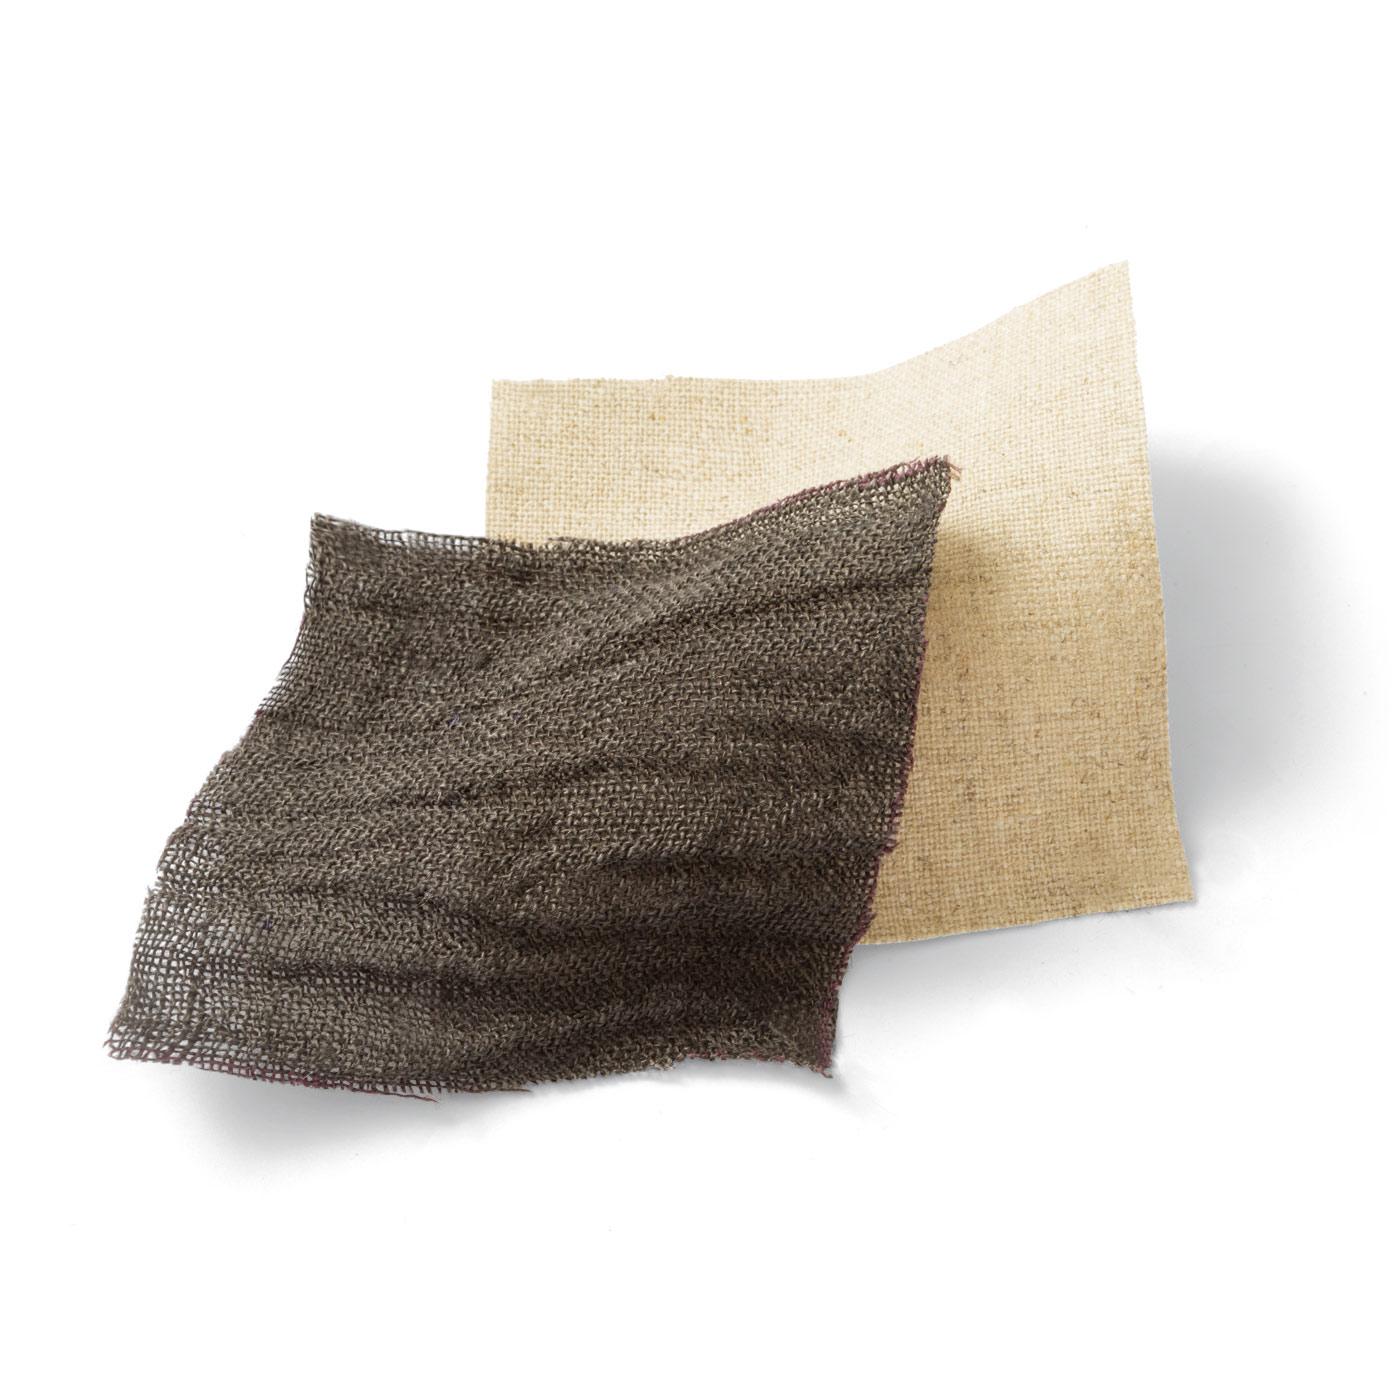 〈シャドウグレー〉見た目も涼やかな通気性にすぐれた綿麻素材。